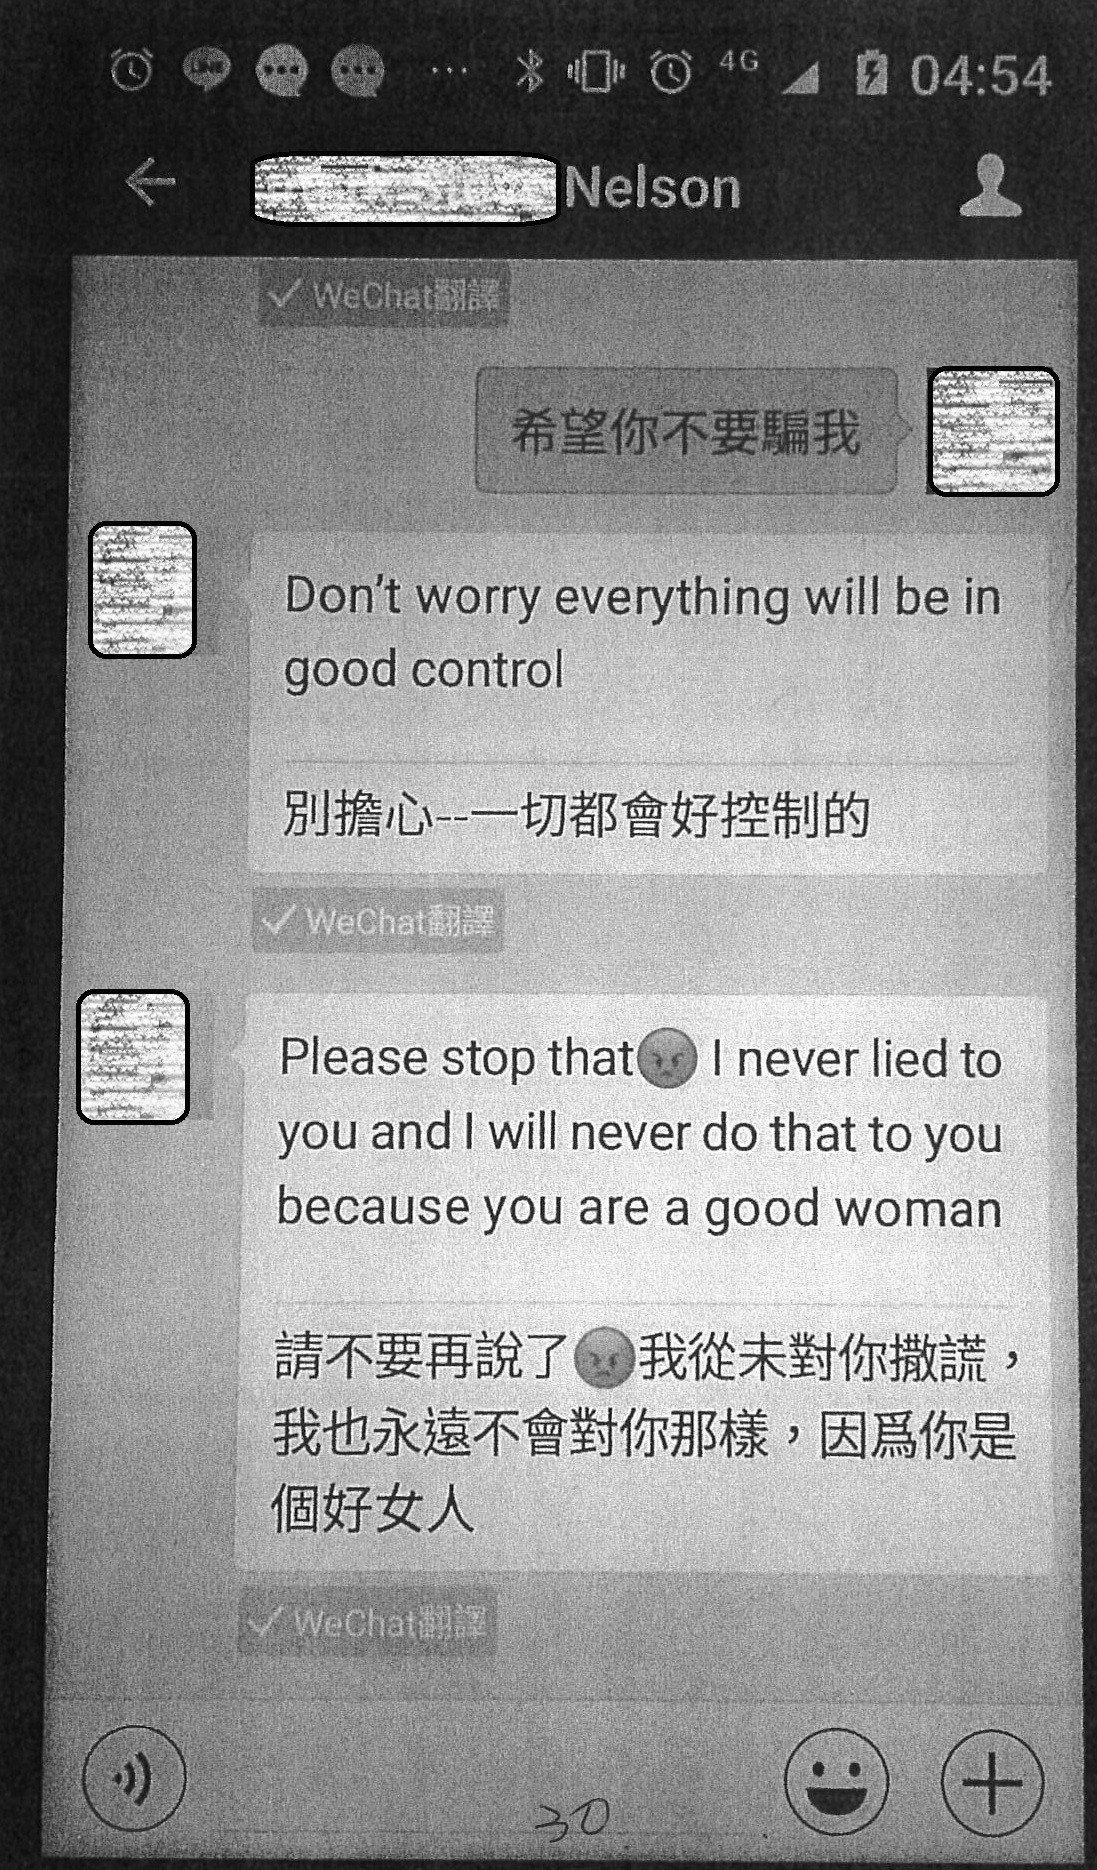 自稱美籍男子與楊姓女子在網路聊天內容,用話術取信楊女。記者劉星君/翻攝